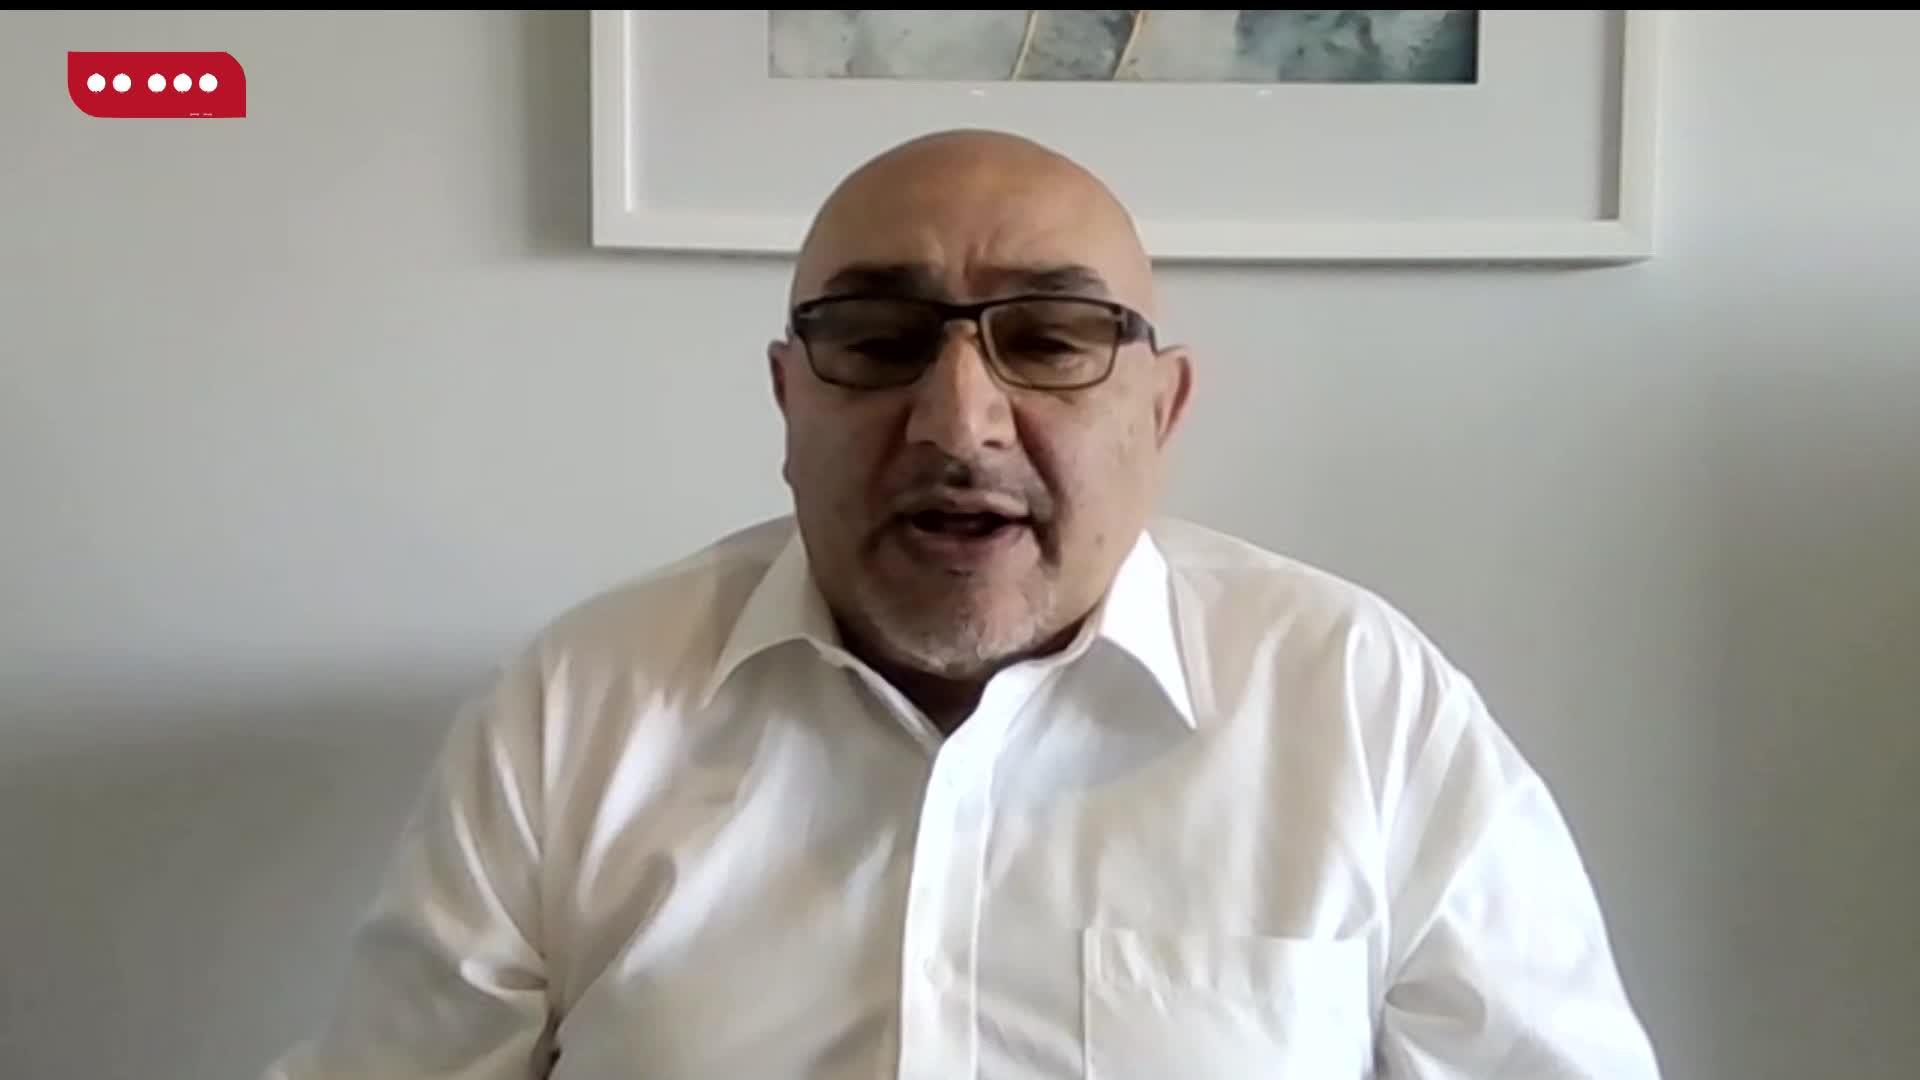 حسين الرفاعي - الرئيس التنفيذي Perpetuity Capital